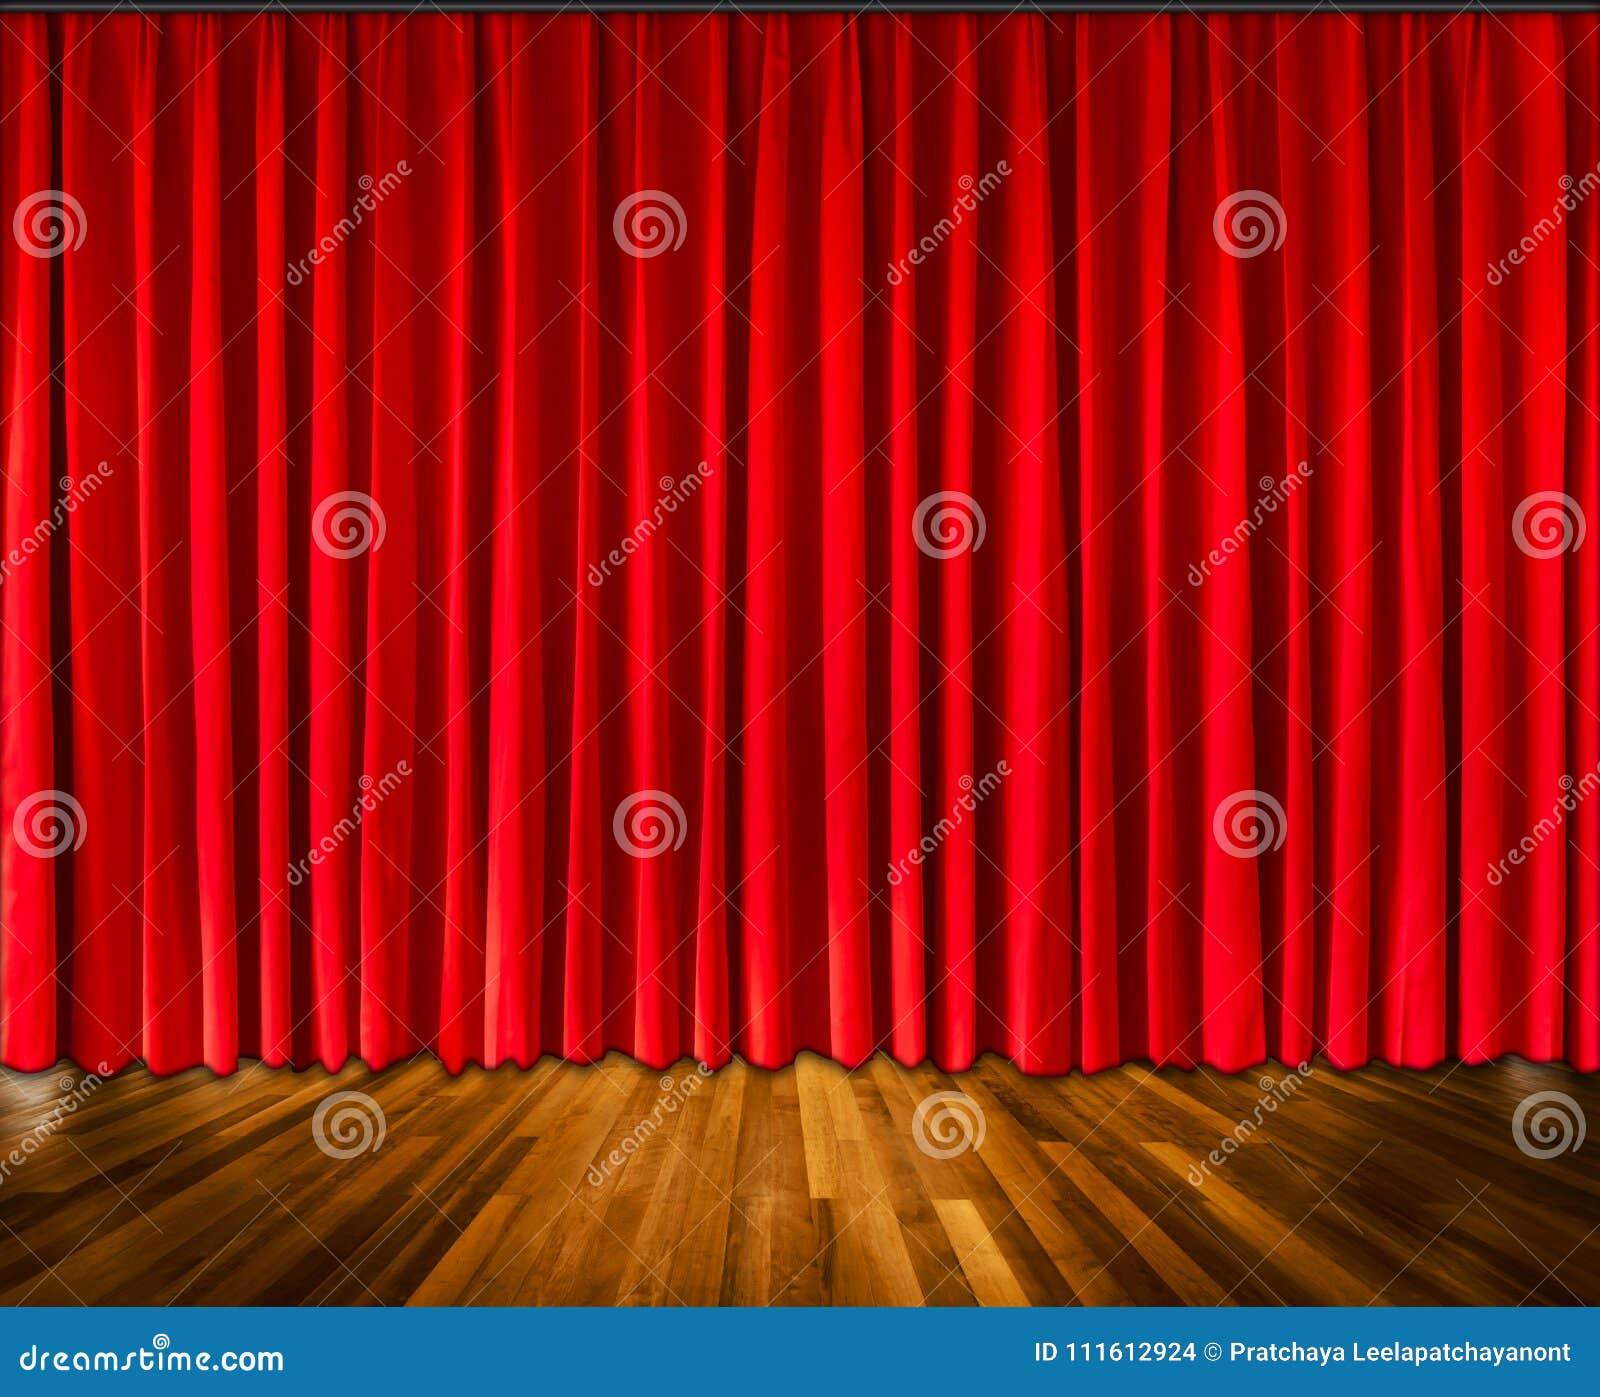 Achtergrond met rood gordijn en houten vloer binnenlandse achtergrond, Binnenlands malplaatje voor productvertoning